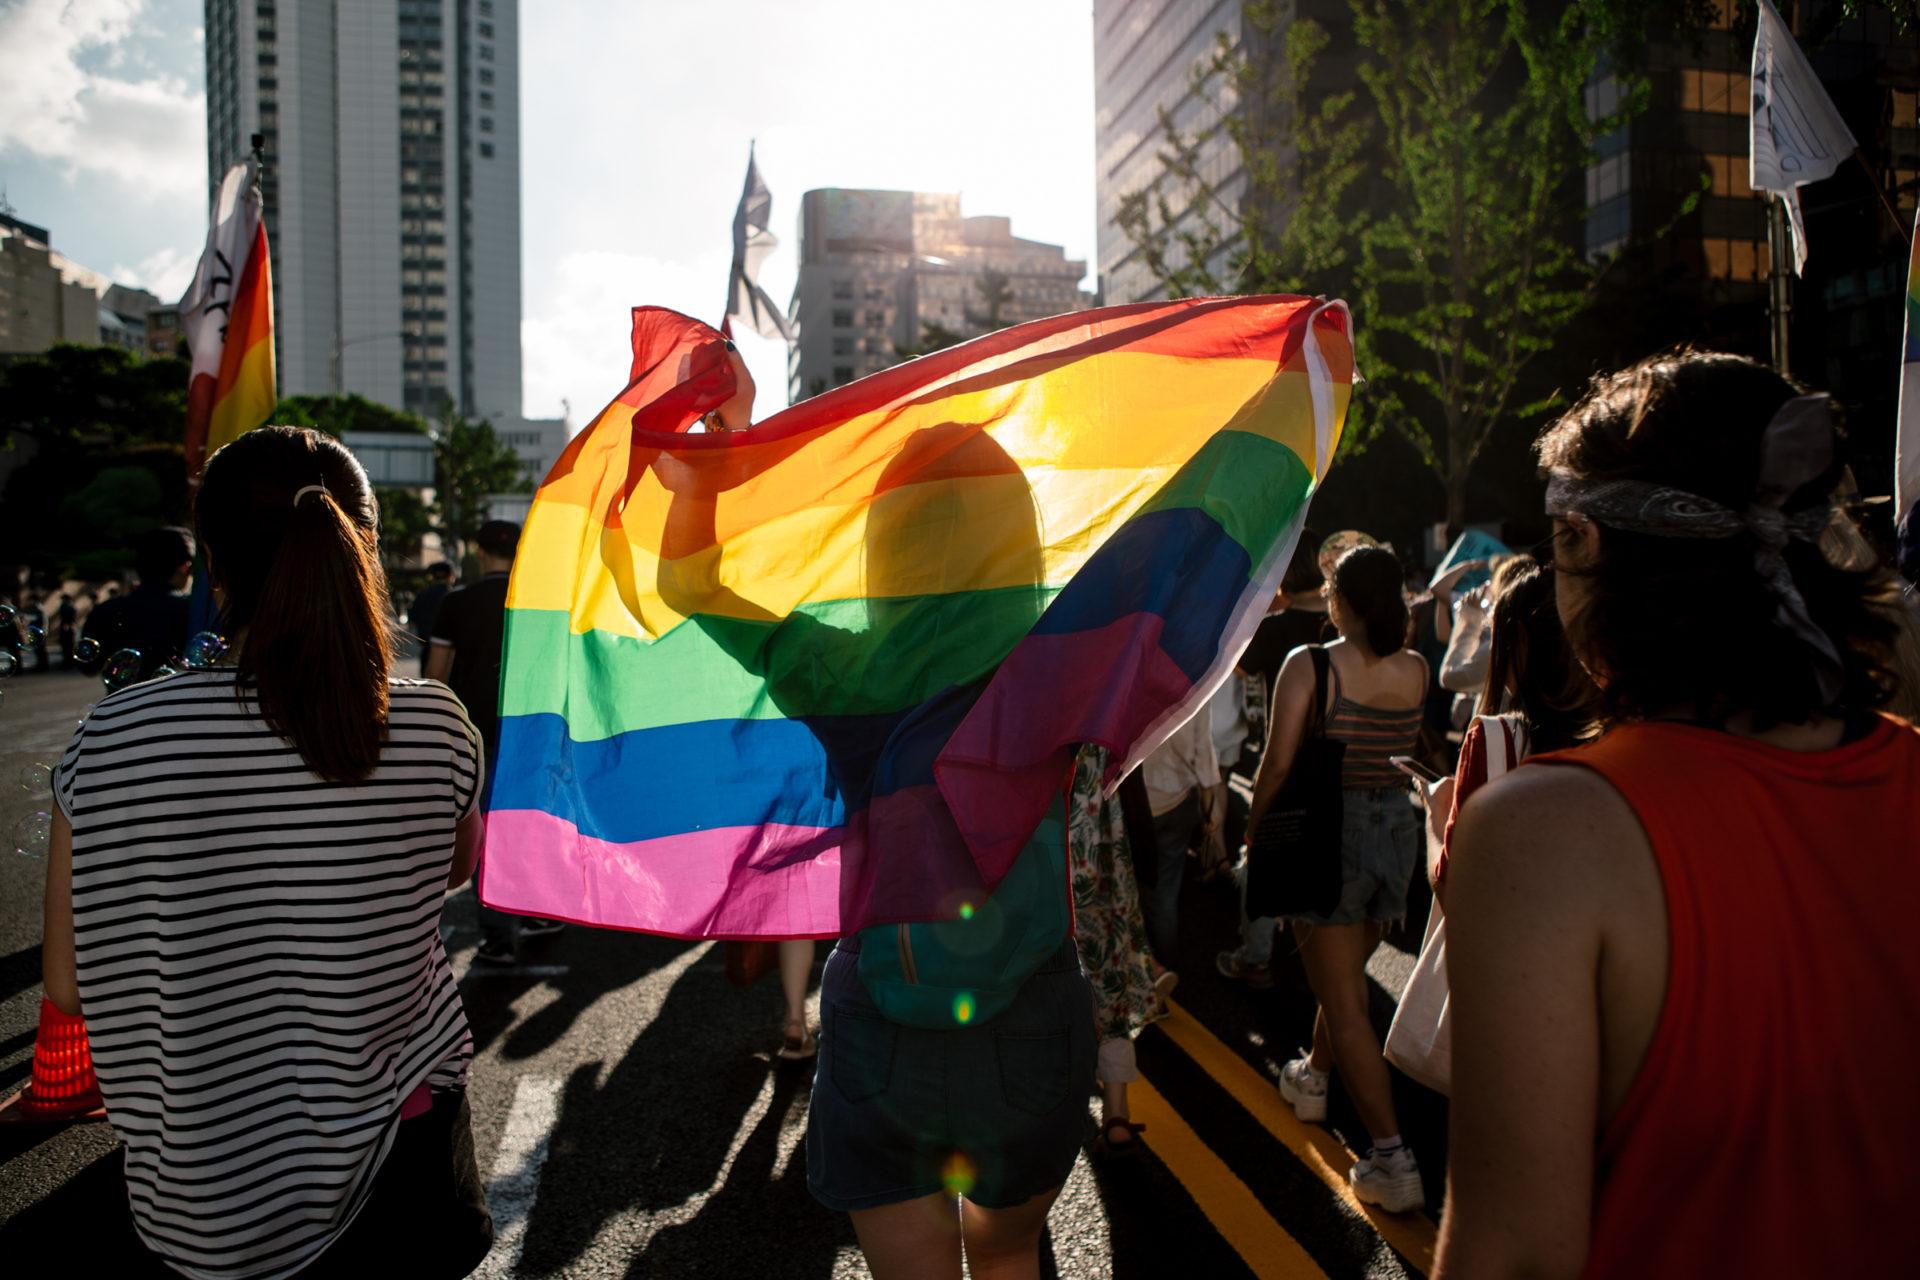 Seoul Queer Parade 2018